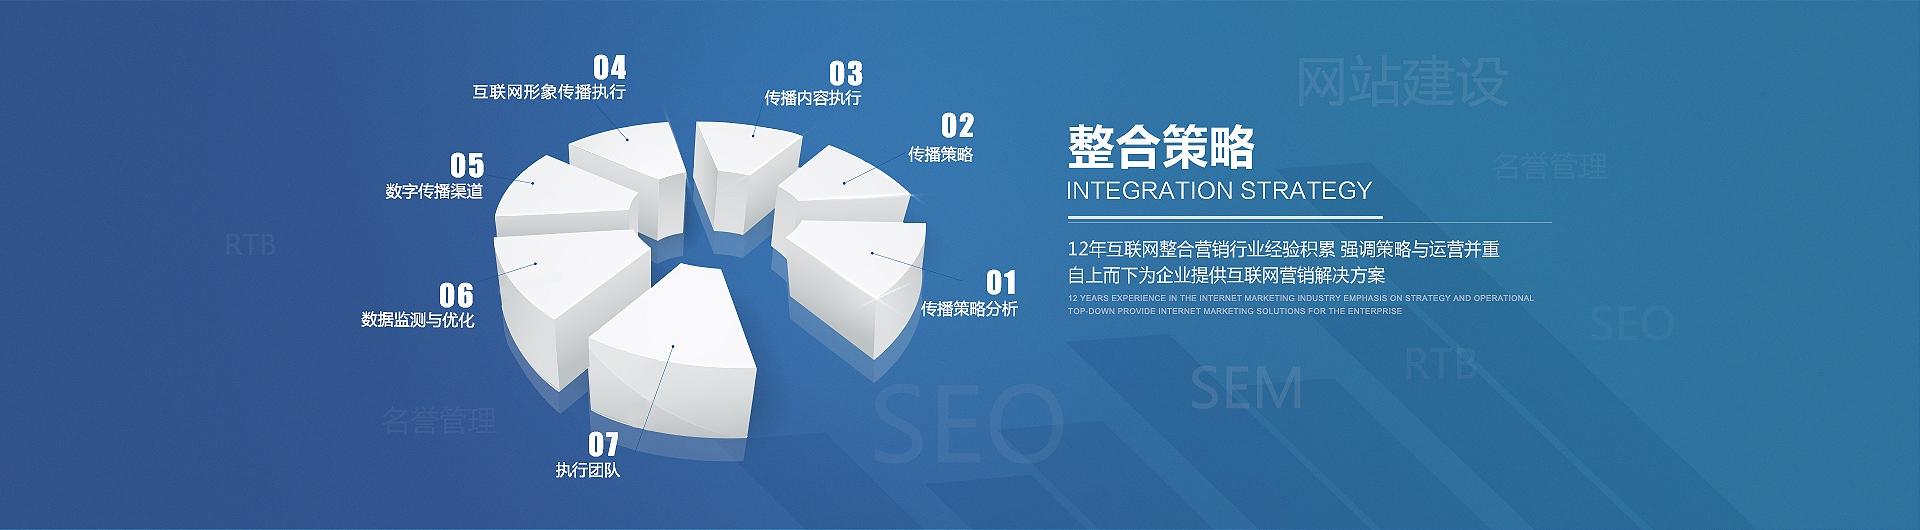 10条互联网品牌整合营销基本原则